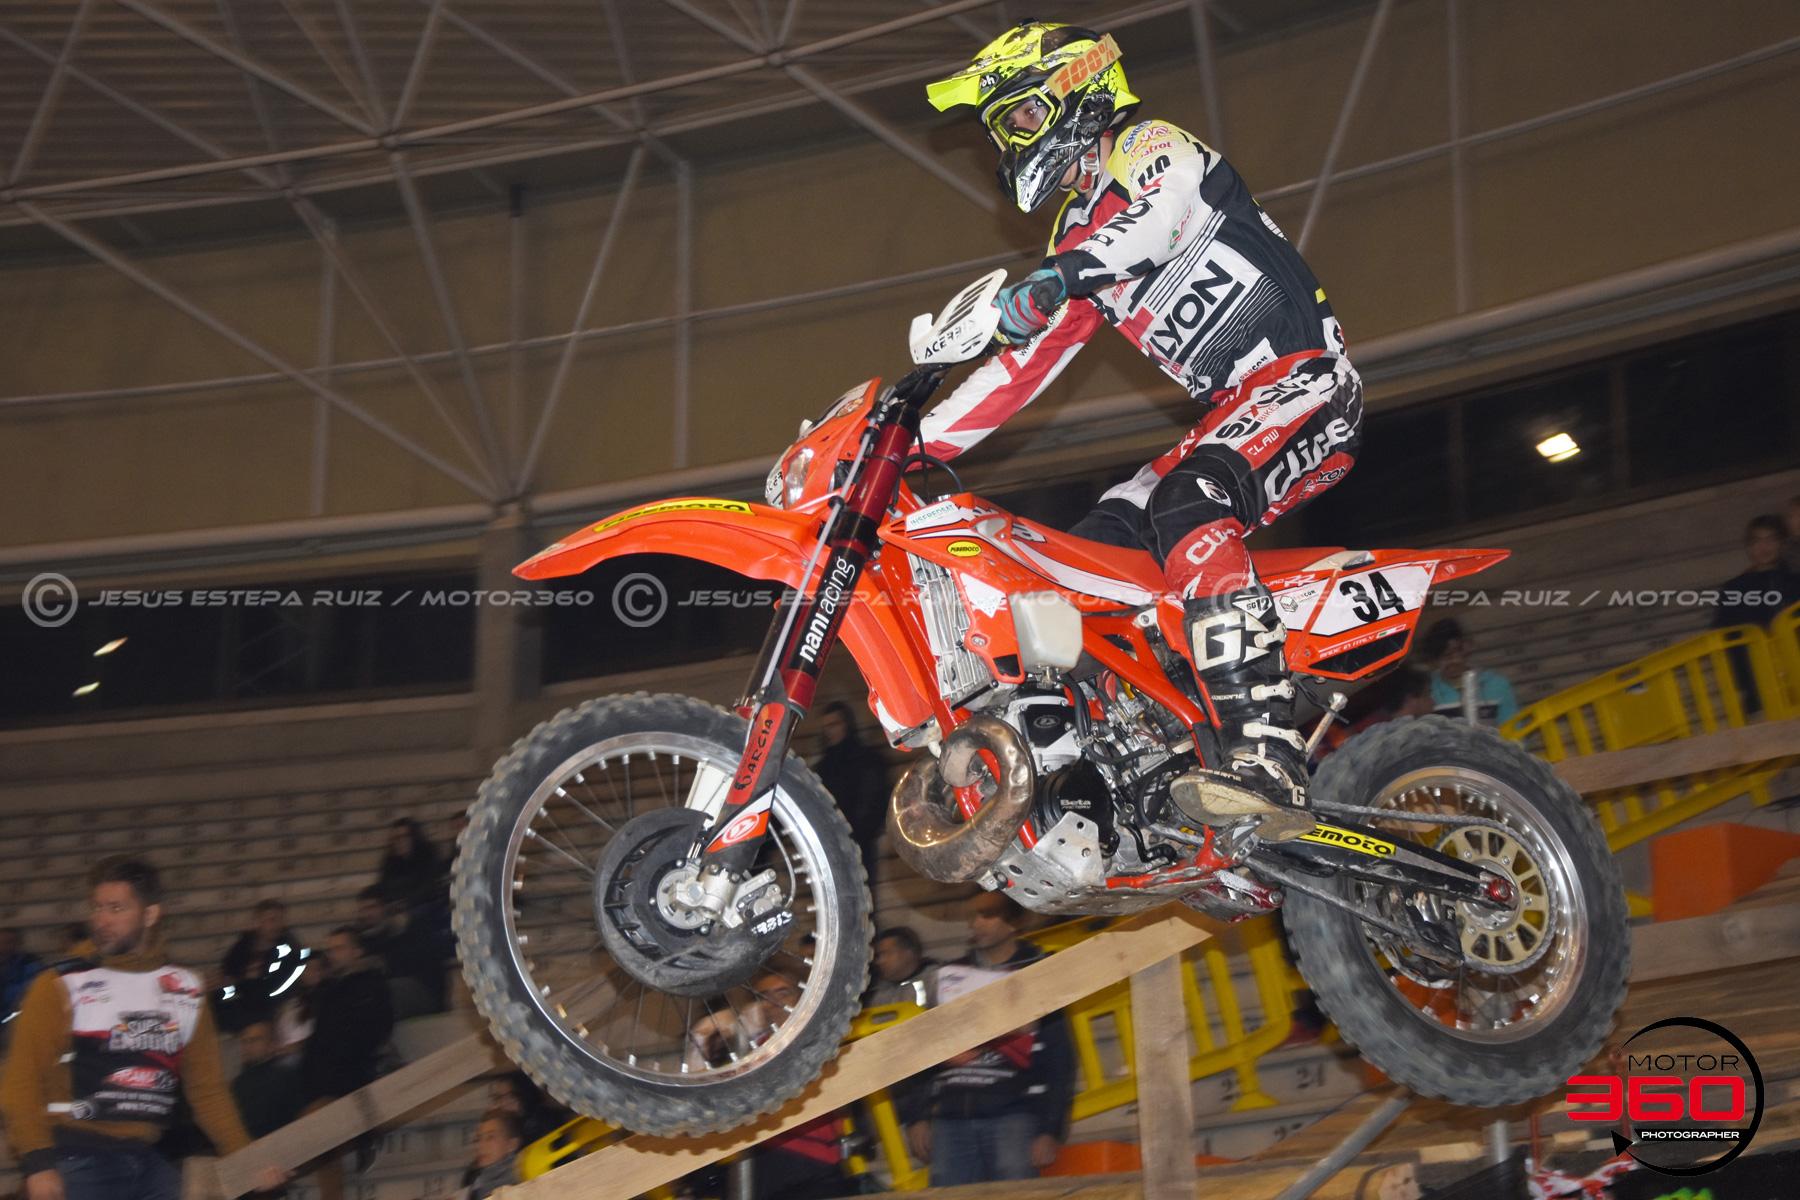 IvanPueyo (11)